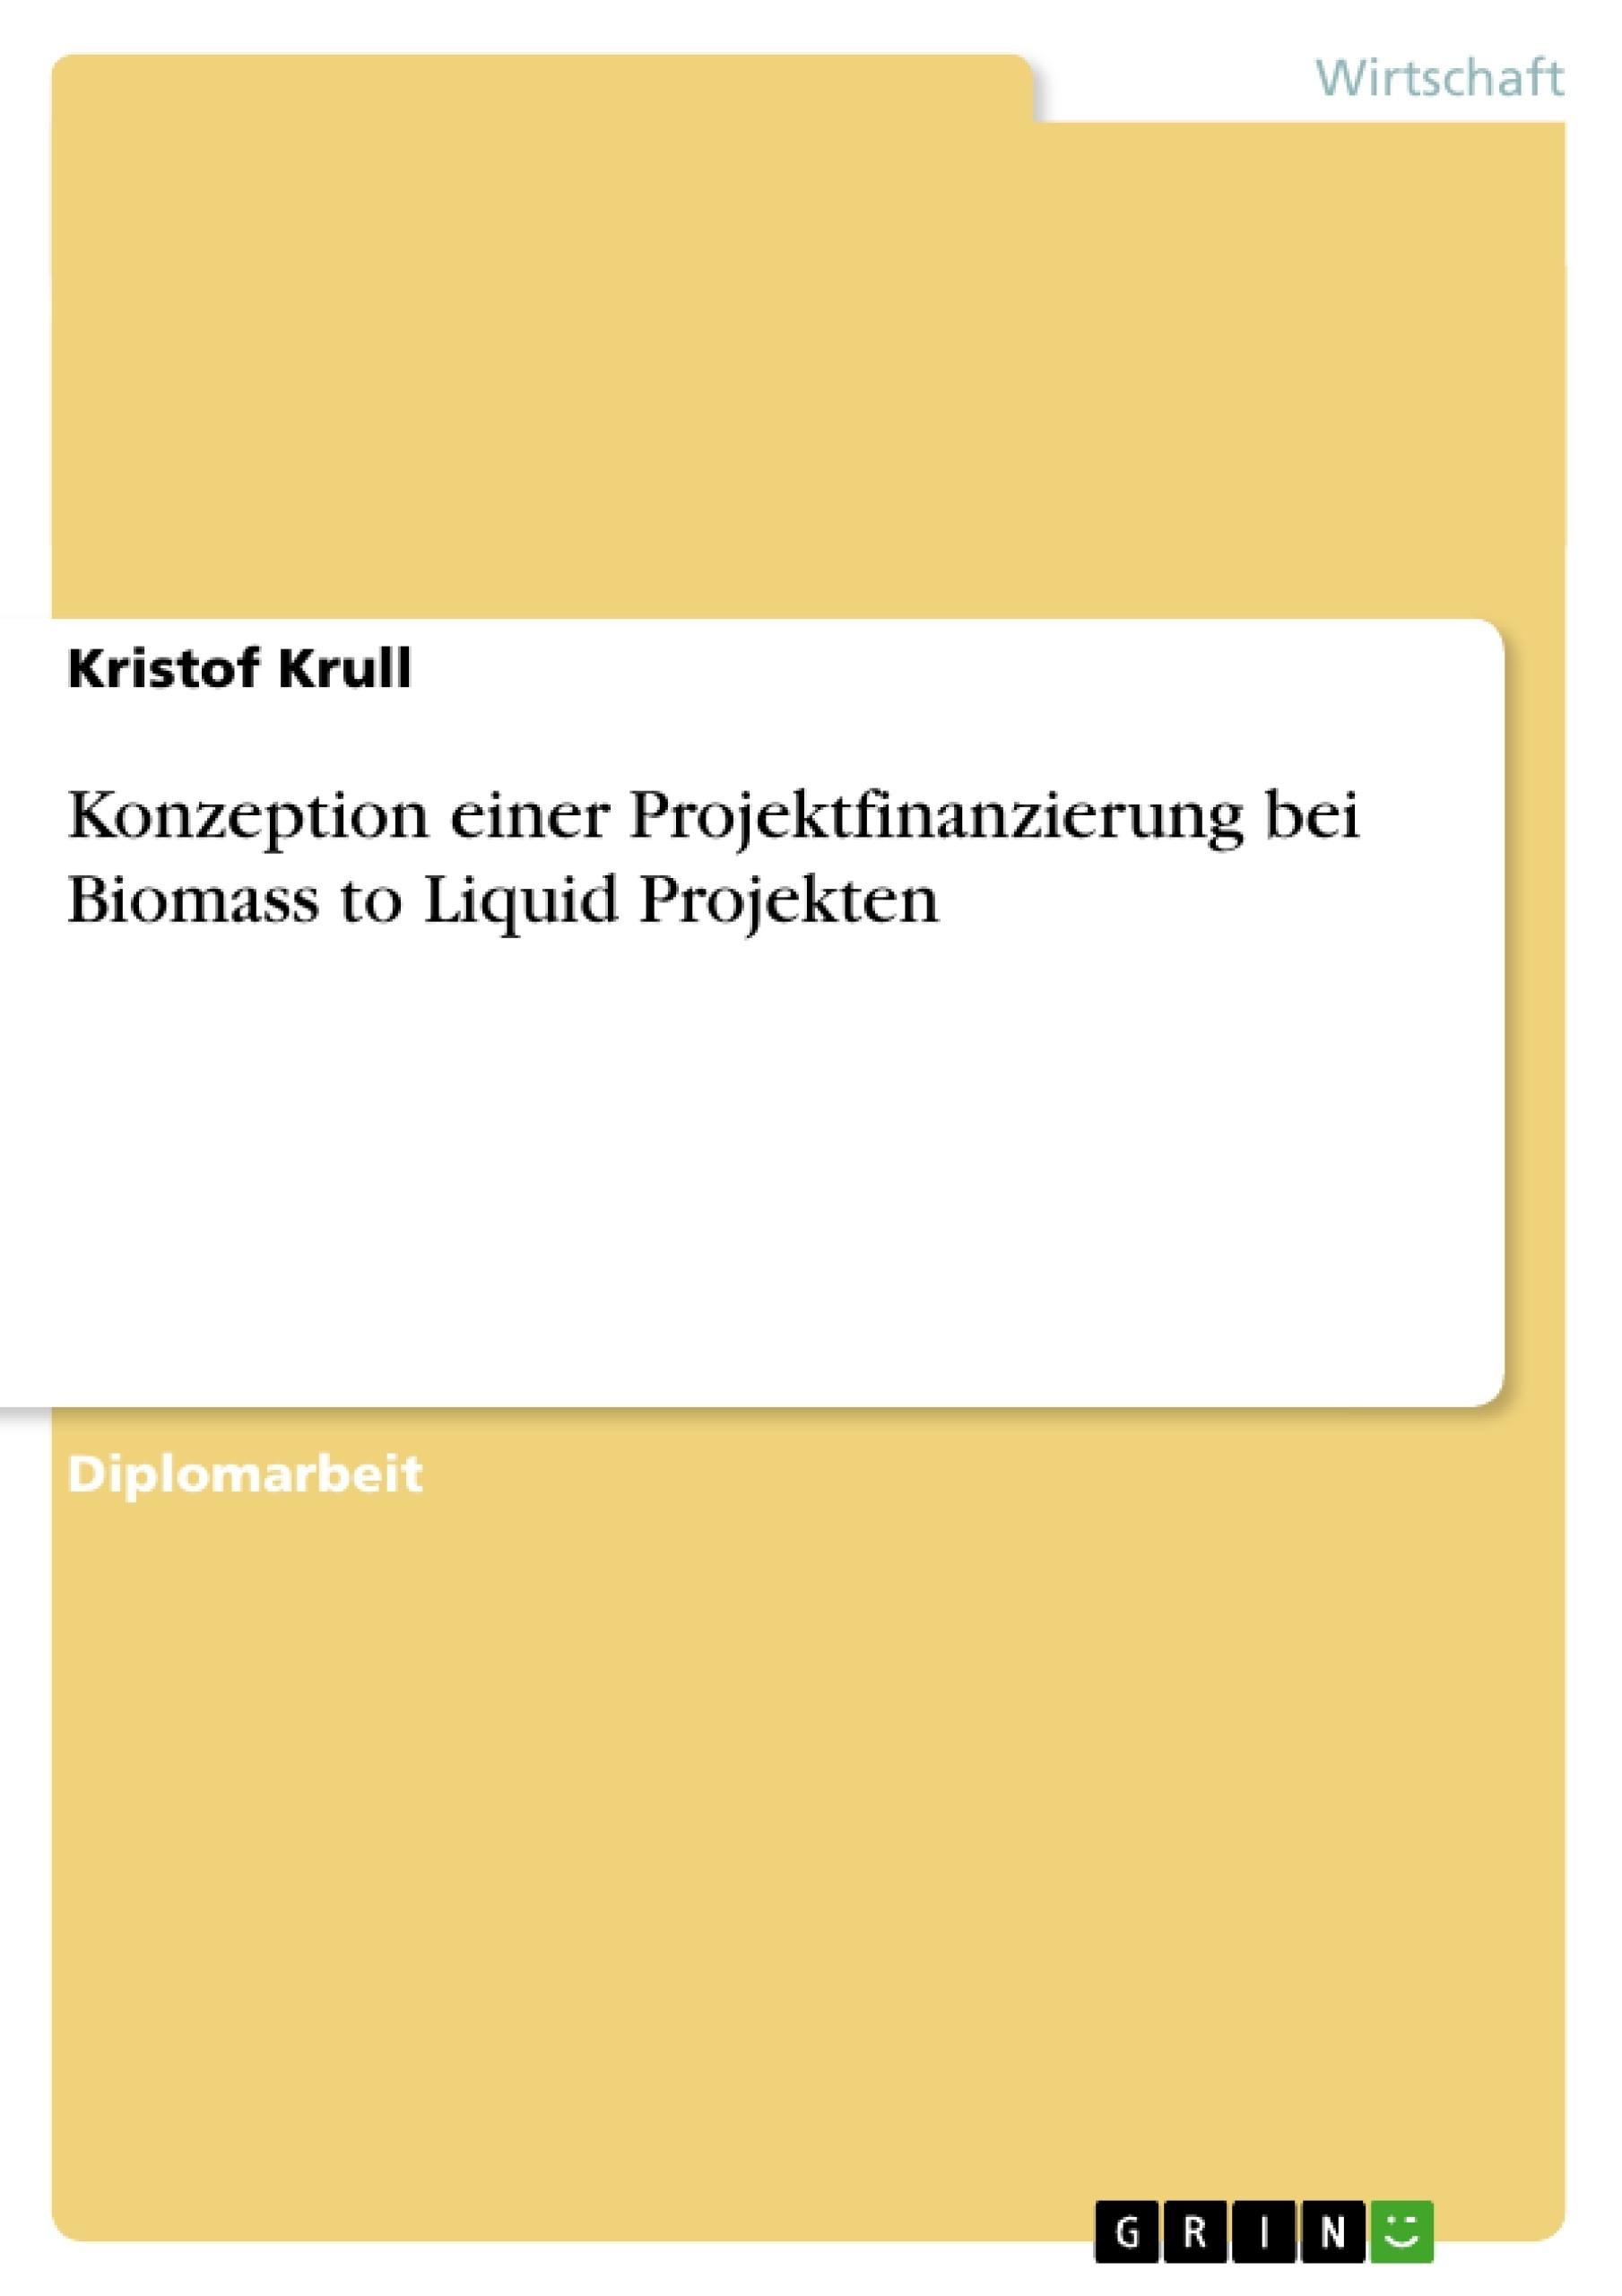 Titel: Konzeption einer Projektfinanzierung bei Biomass to Liquid Projekten